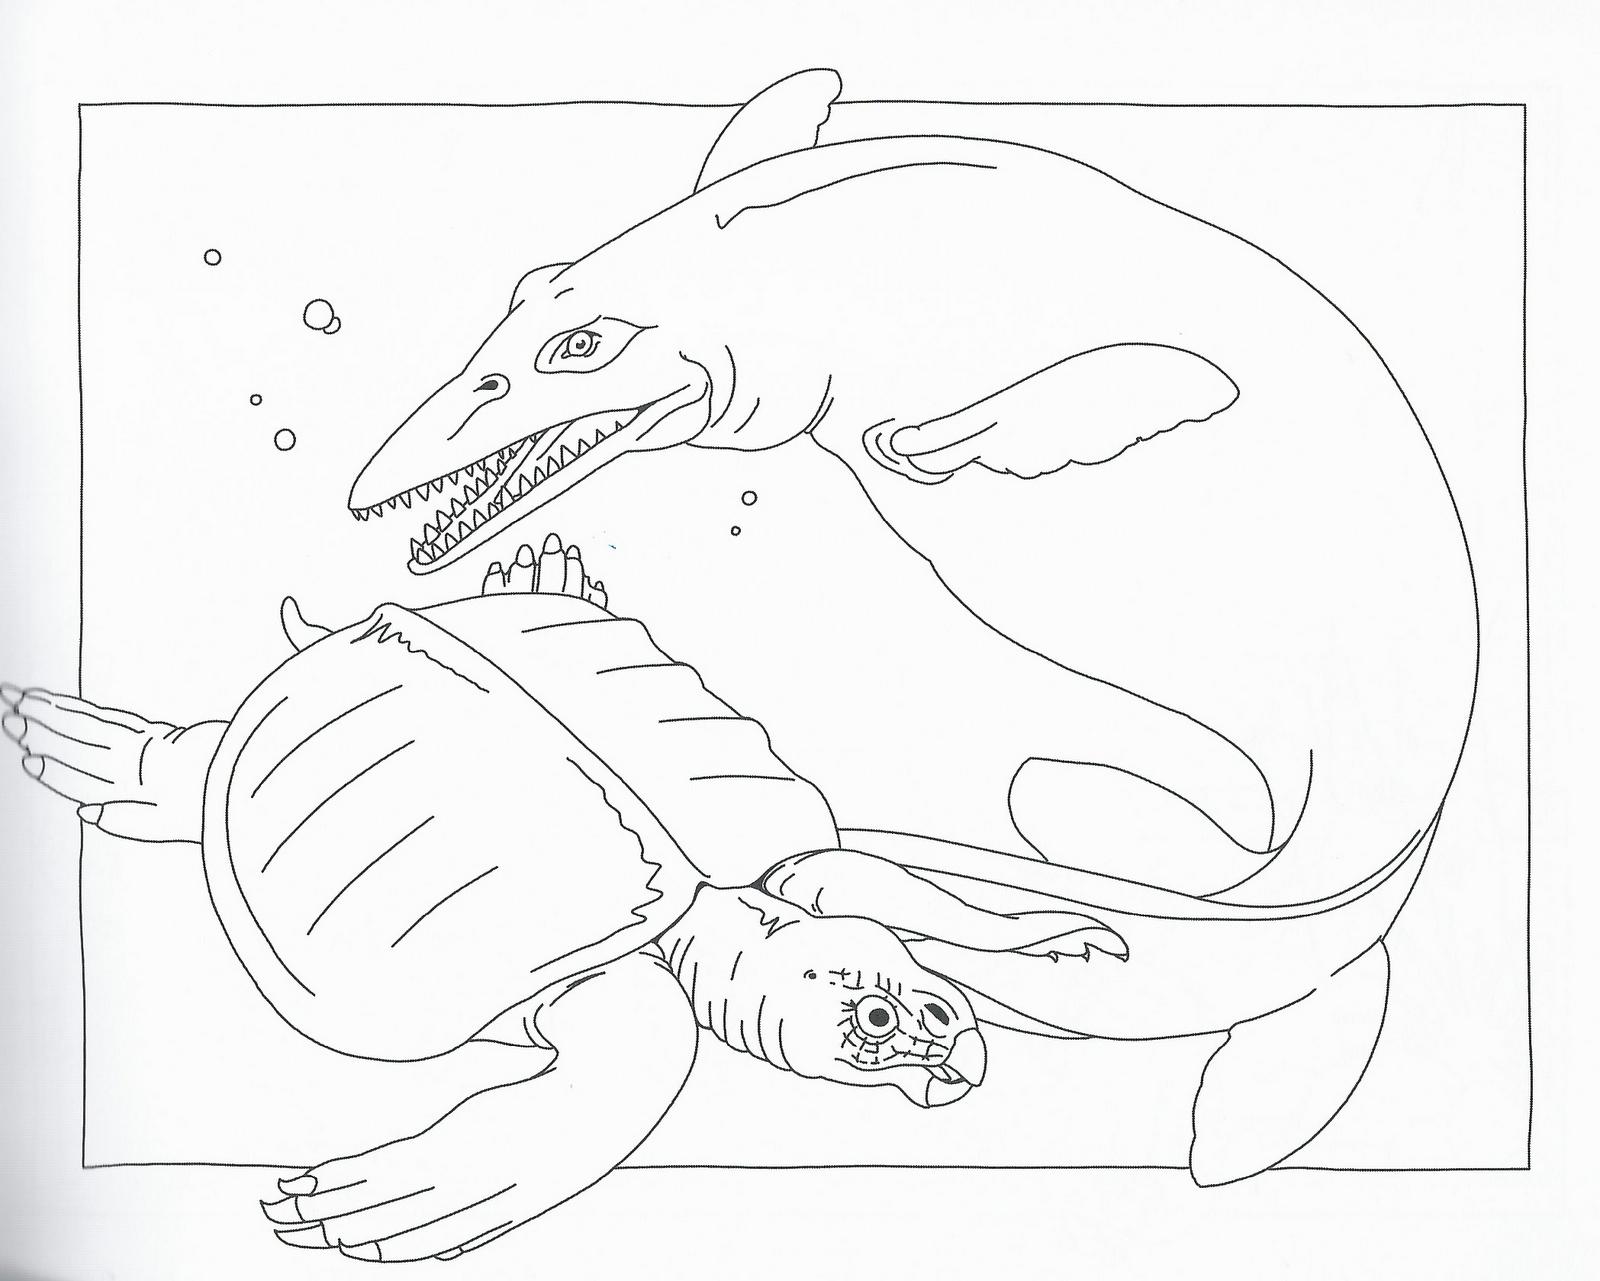 Disegni da colorare disegni da colorare i dinosauri for Disegni di lupi da stampare